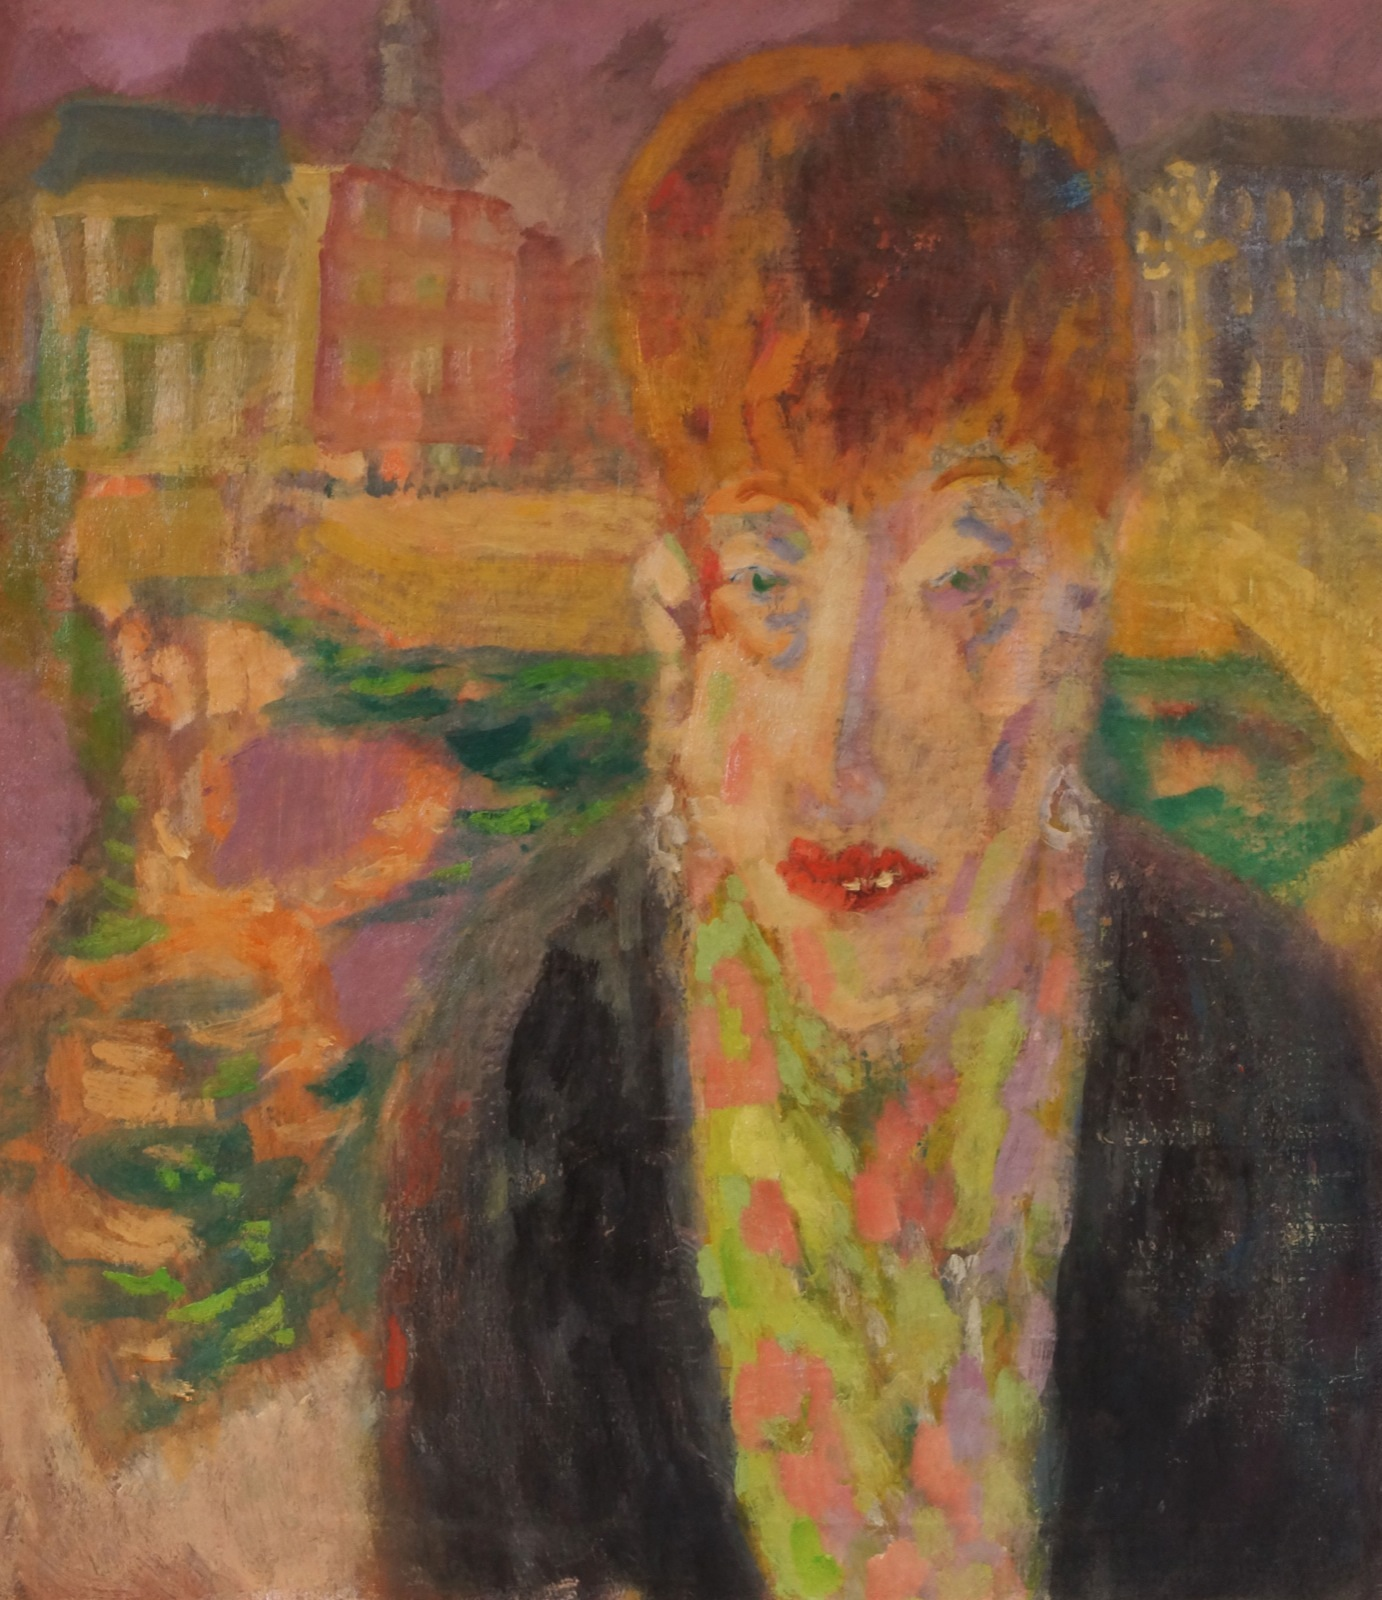 Portret van een dame (Nel?) met op de achtergrond een zicht van Rotterdam